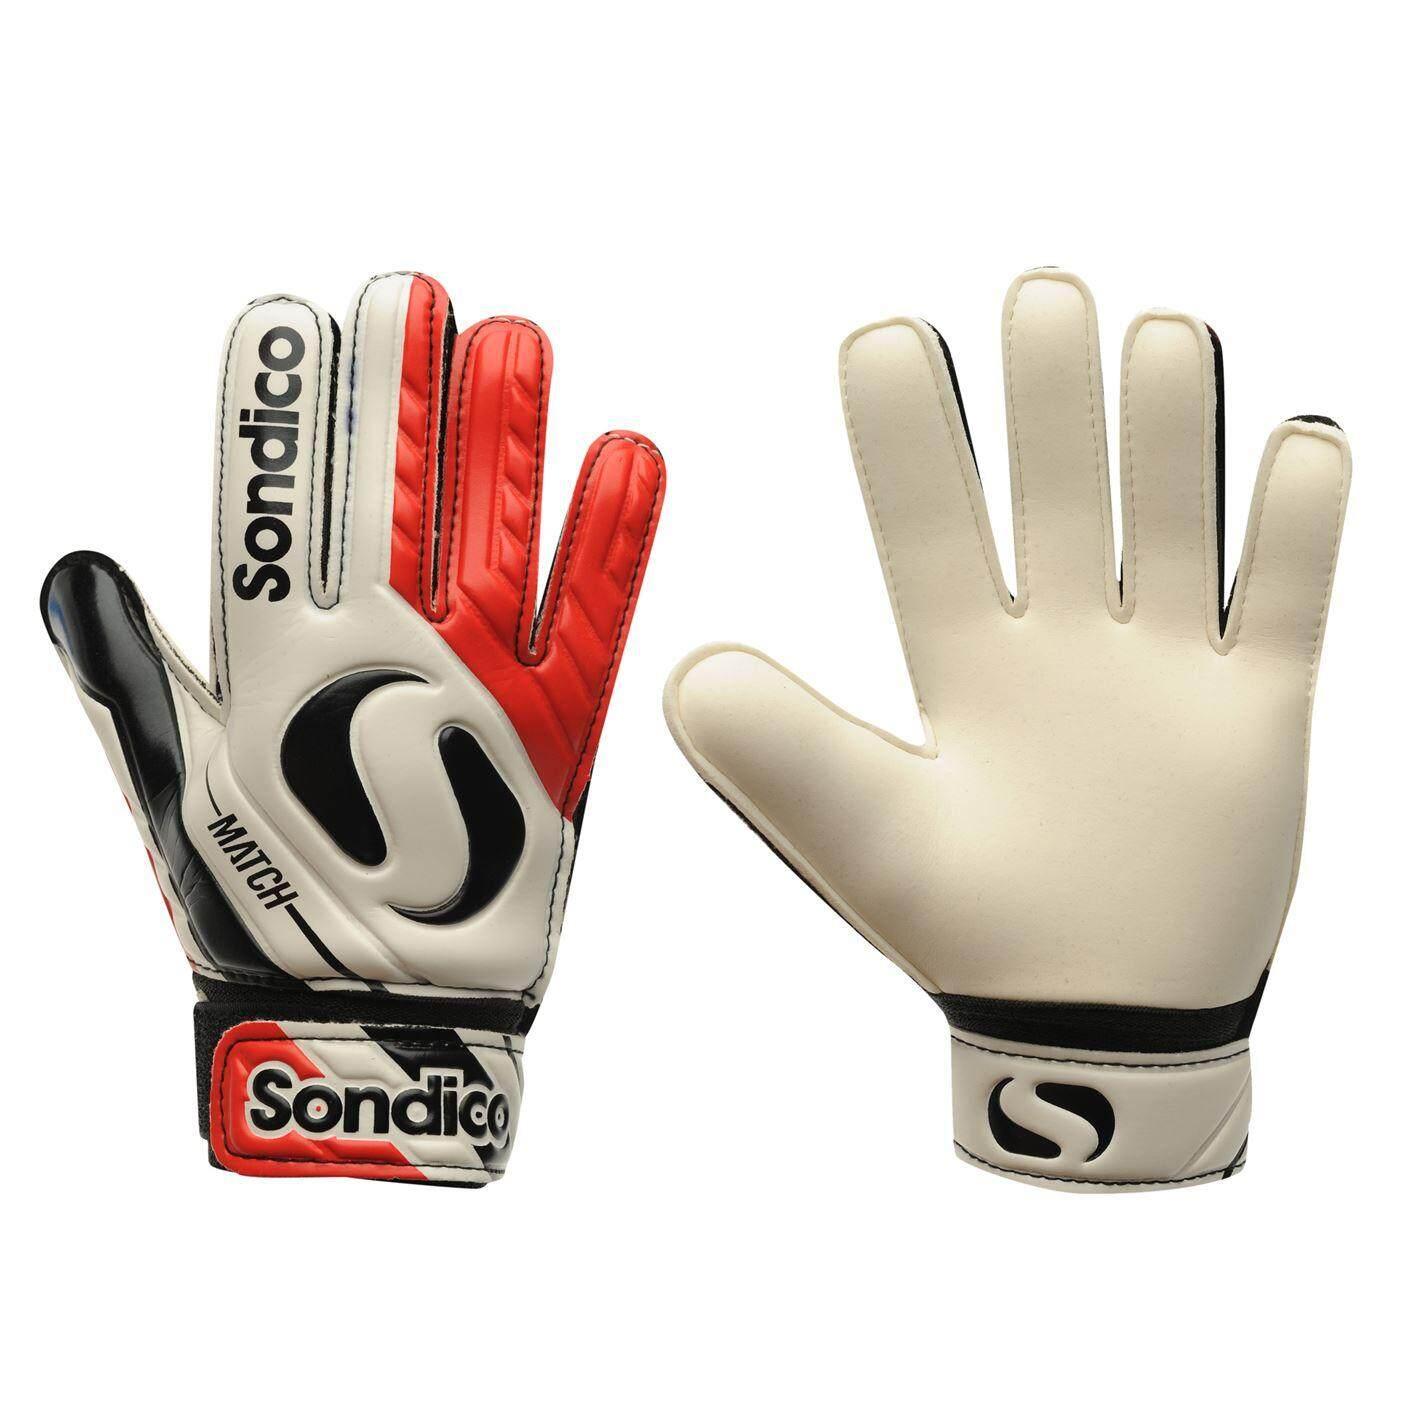 Sondico Kids Match Goalkeeper Gloves White Red